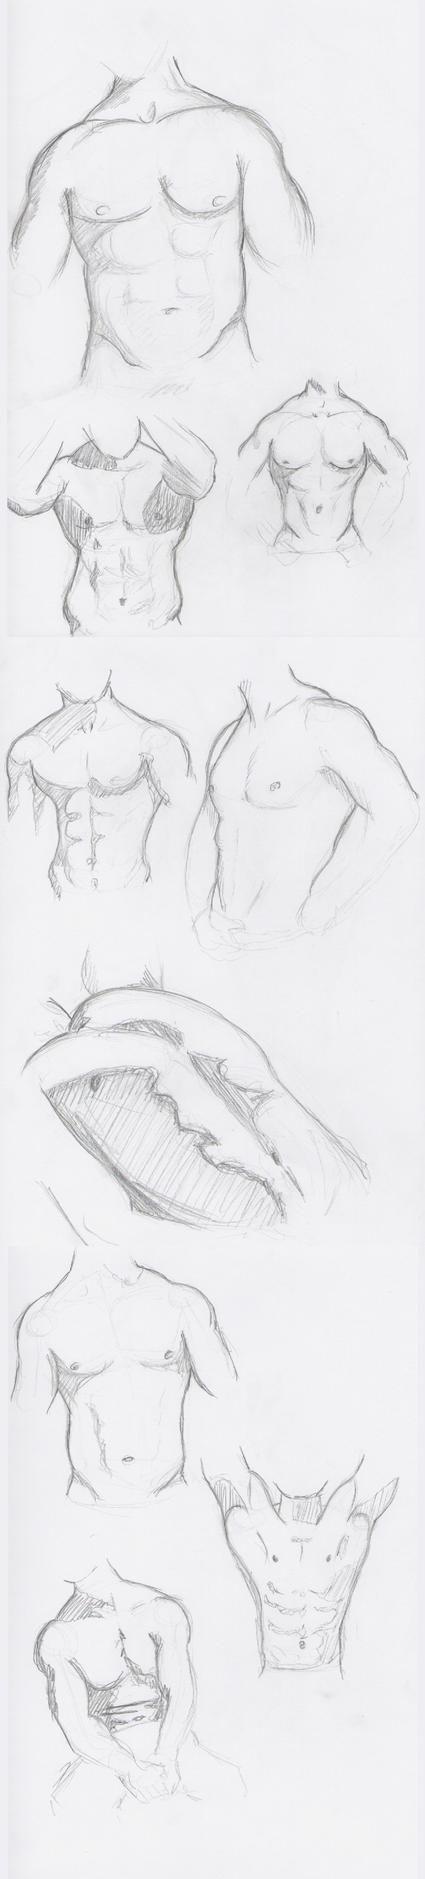 Body Study 1 by NeoWolf06